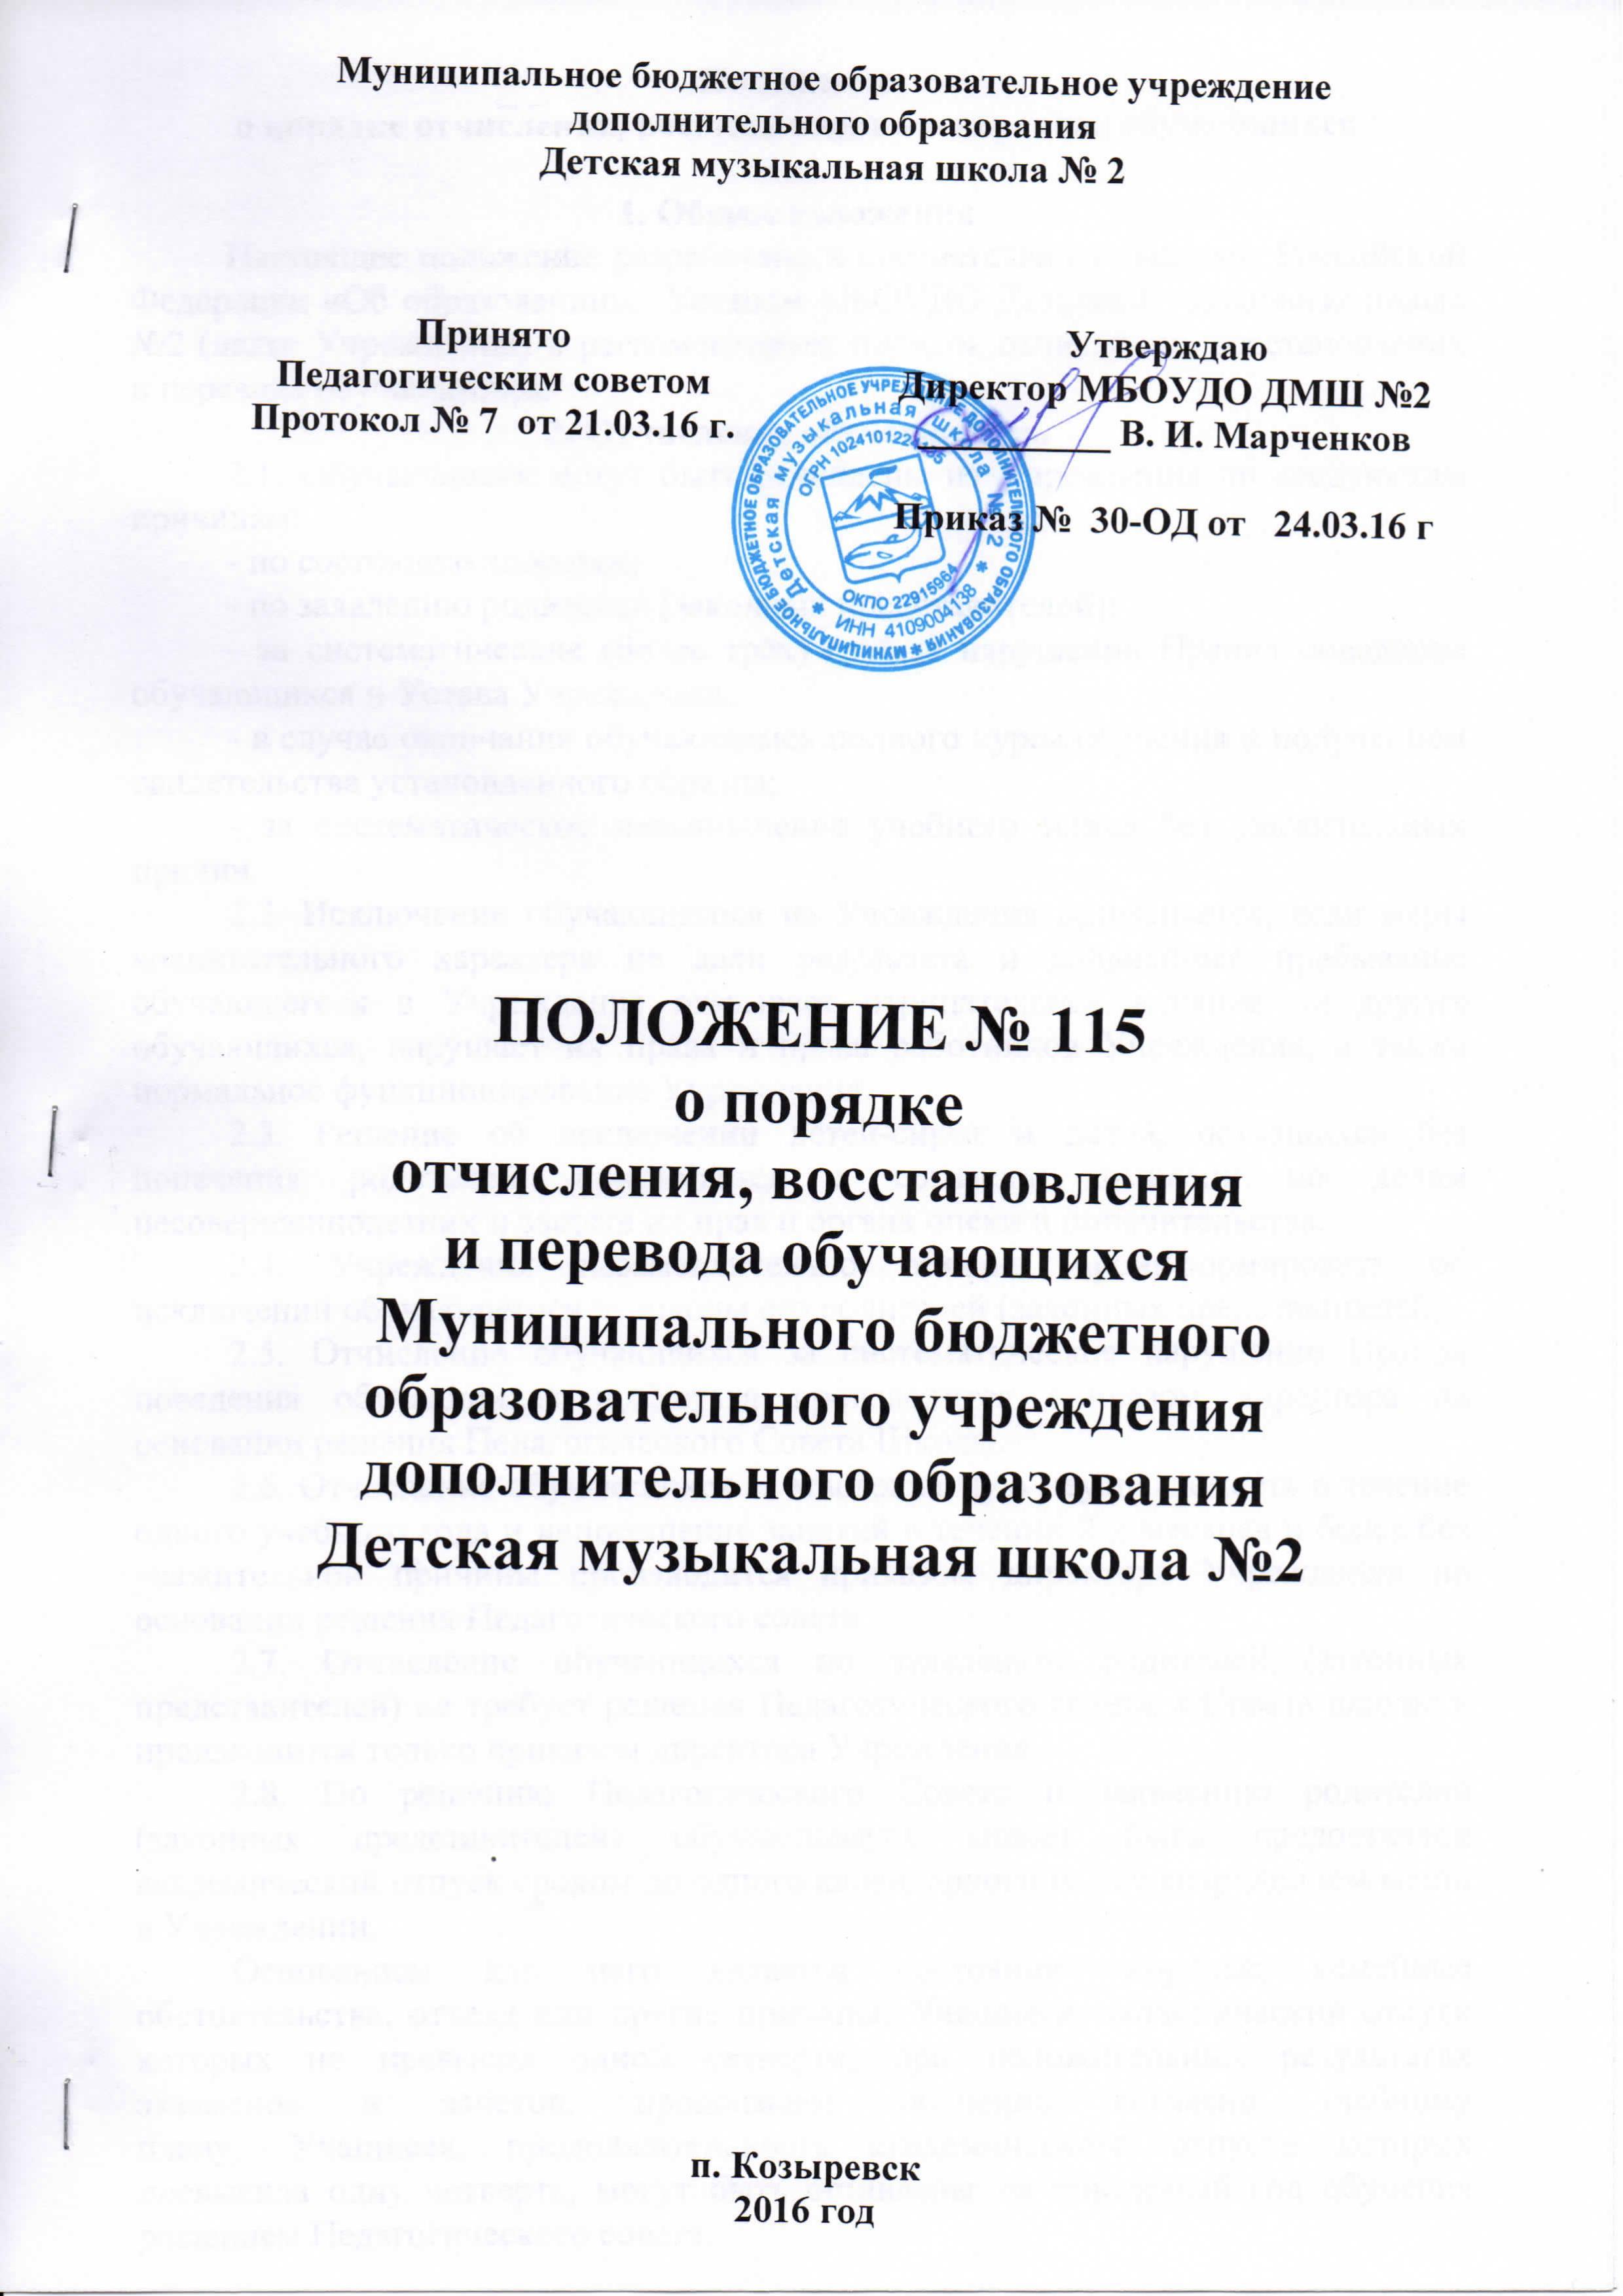 Перевод, отчисление, восстановление в МБОУДО ДМШ №2 24.03.16_01